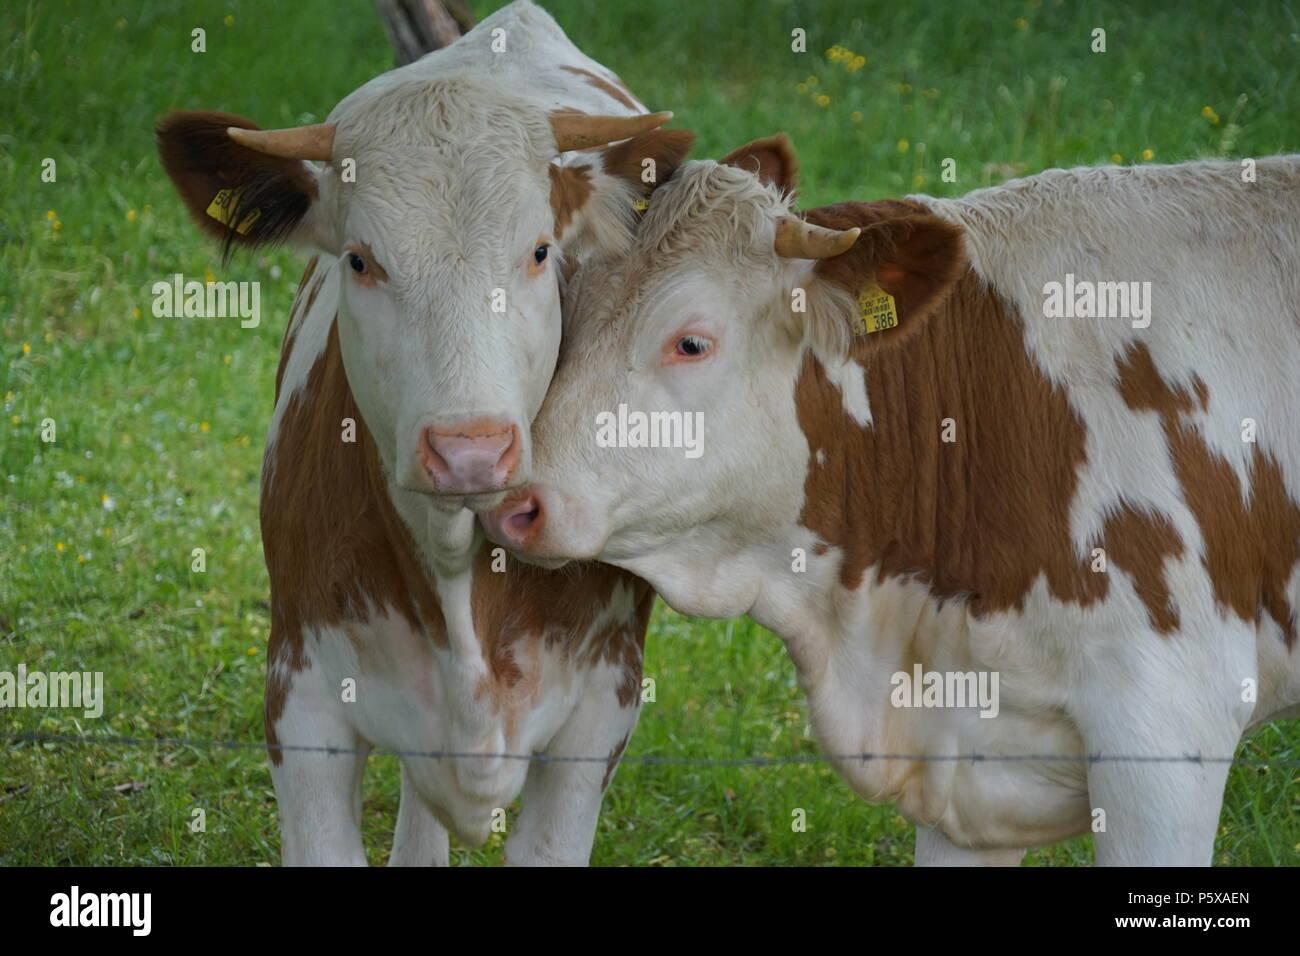 Zwei junge Bullen auf der Weide, Southerm Deutschland, Europa Stockbild